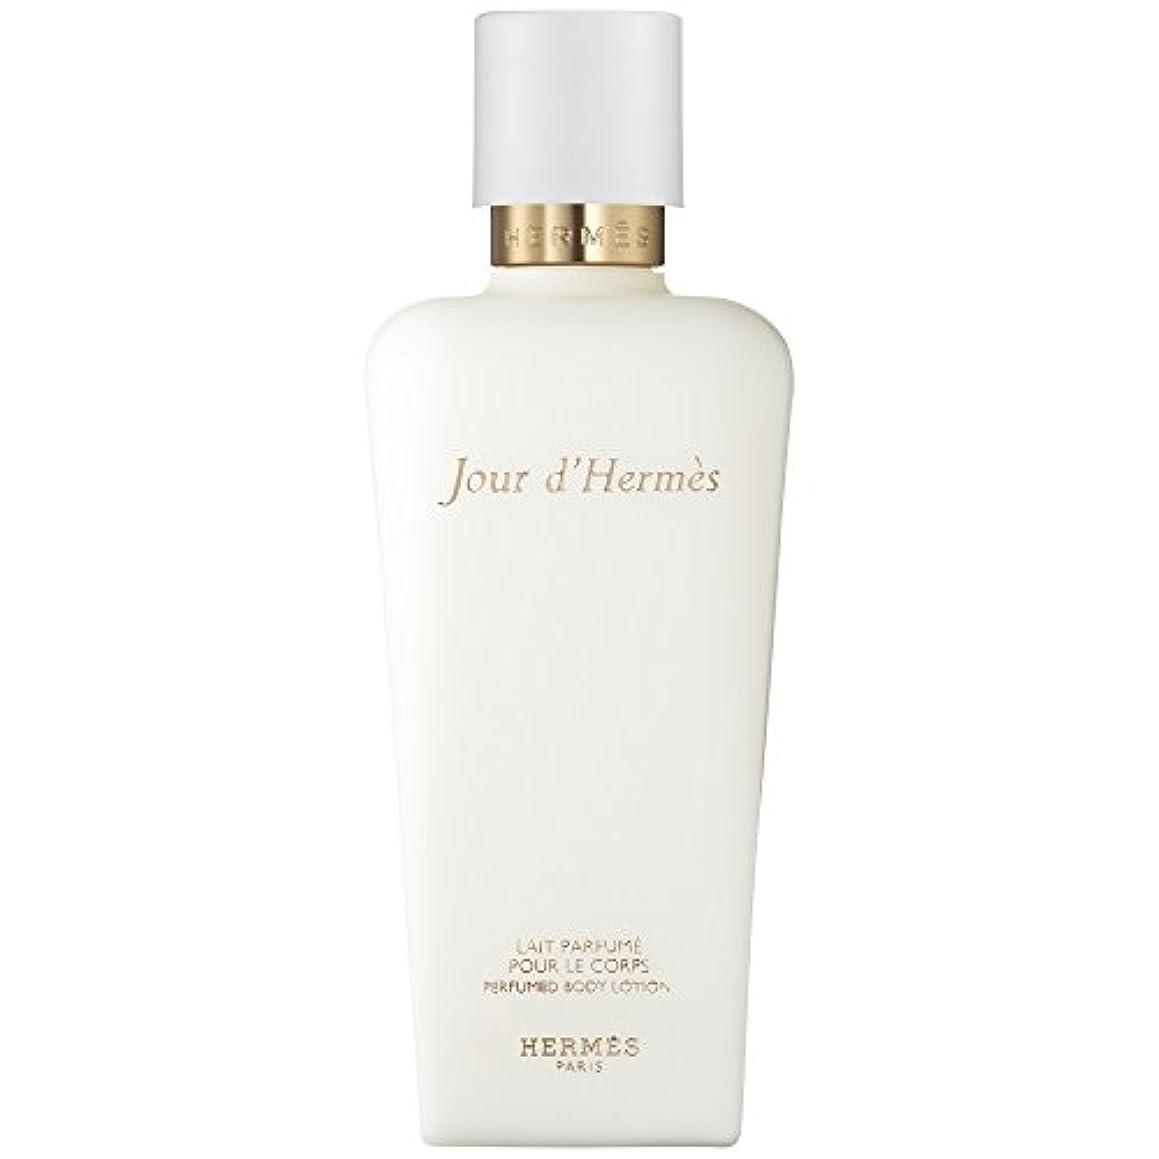 改修大工出撃者エルメスJourのドールエルメス賦香ボディローション200ミリリットル (HERM?S) (x6) - HERM?S Jour d'Herm?s Perfumed Body Lotion 200ml (Pack of 6...